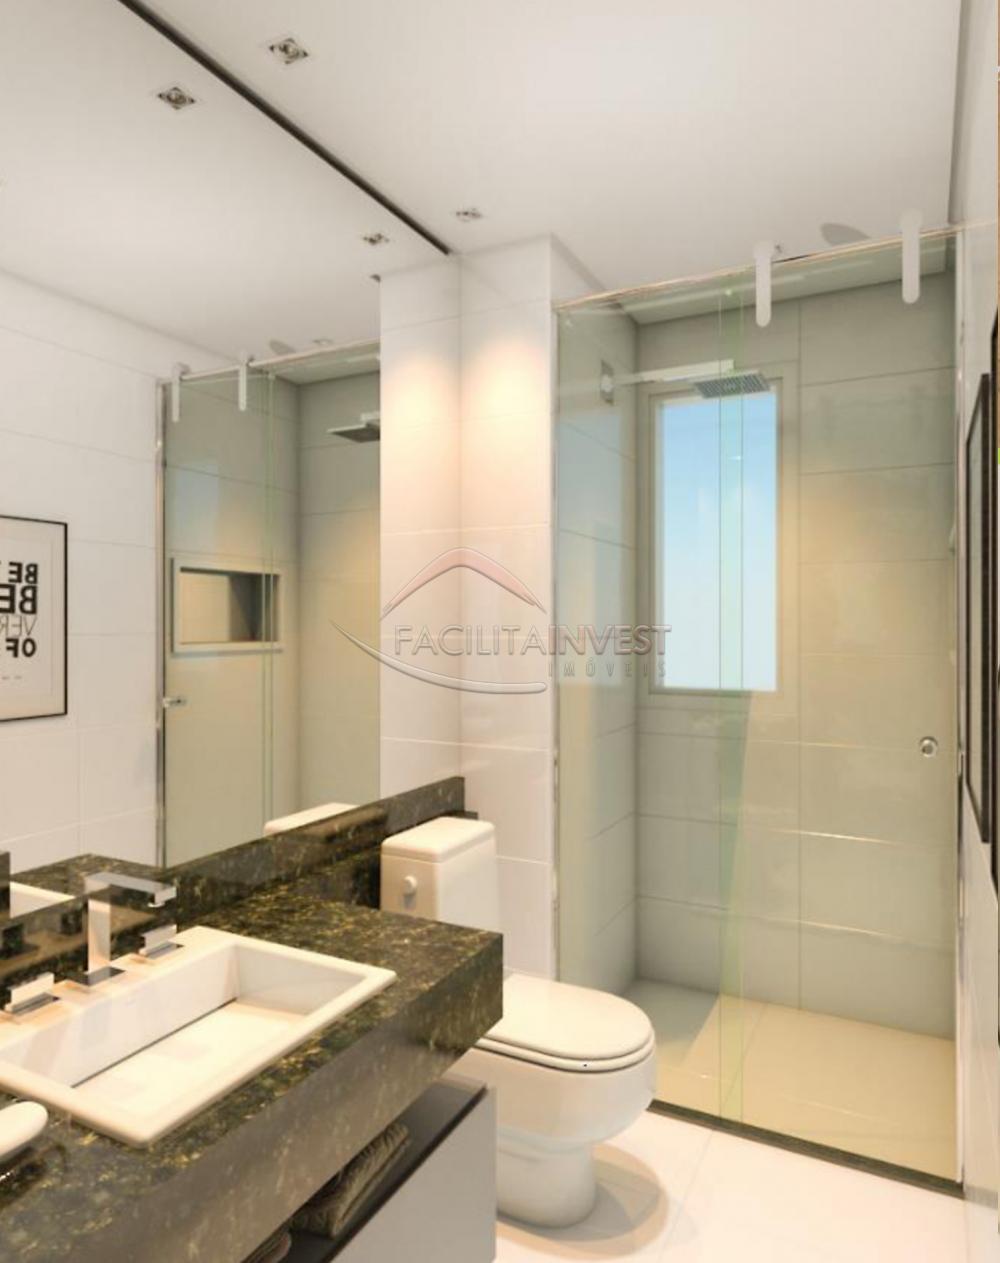 Comprar Lançamentos/ Empreendimentos em Construç / Apartamento padrão - Lançamento em Ribeirão Preto apenas R$ 590.297,00 - Foto 8